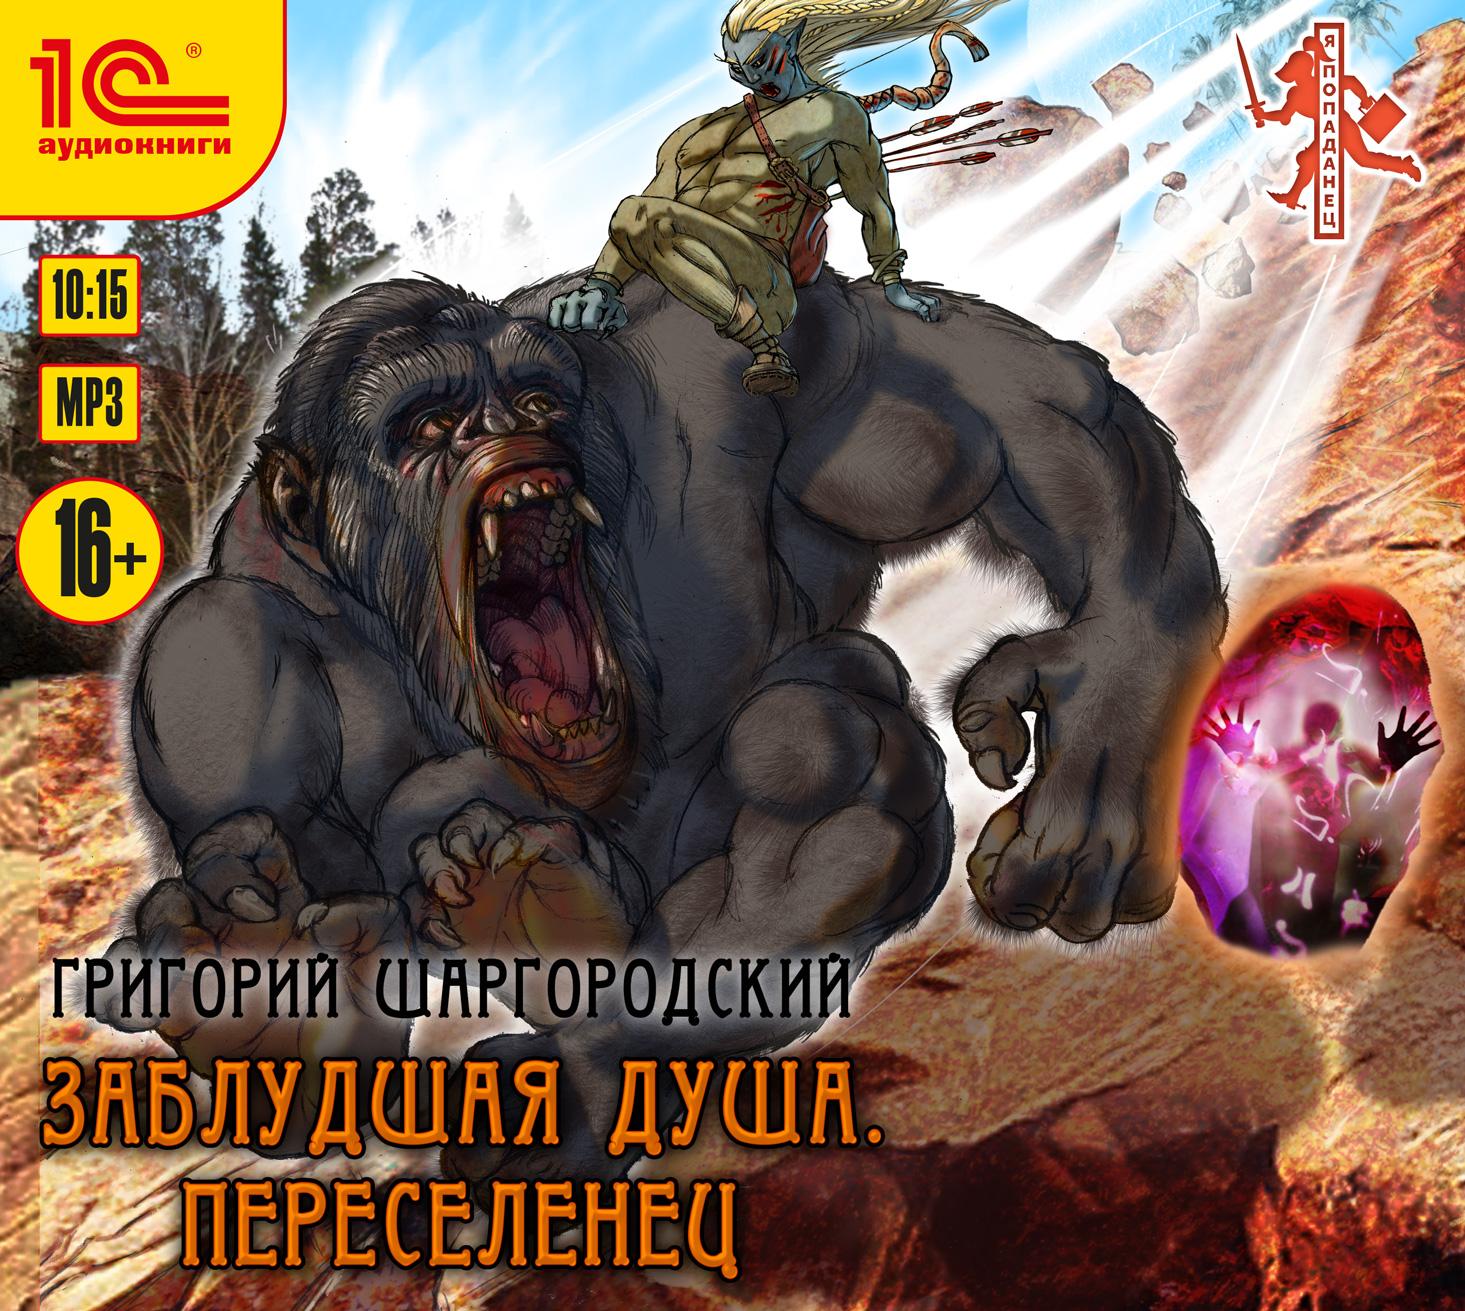 Григорий Шаргородский Заблудшая душа. Переселенец григорий шаргородский грани страха